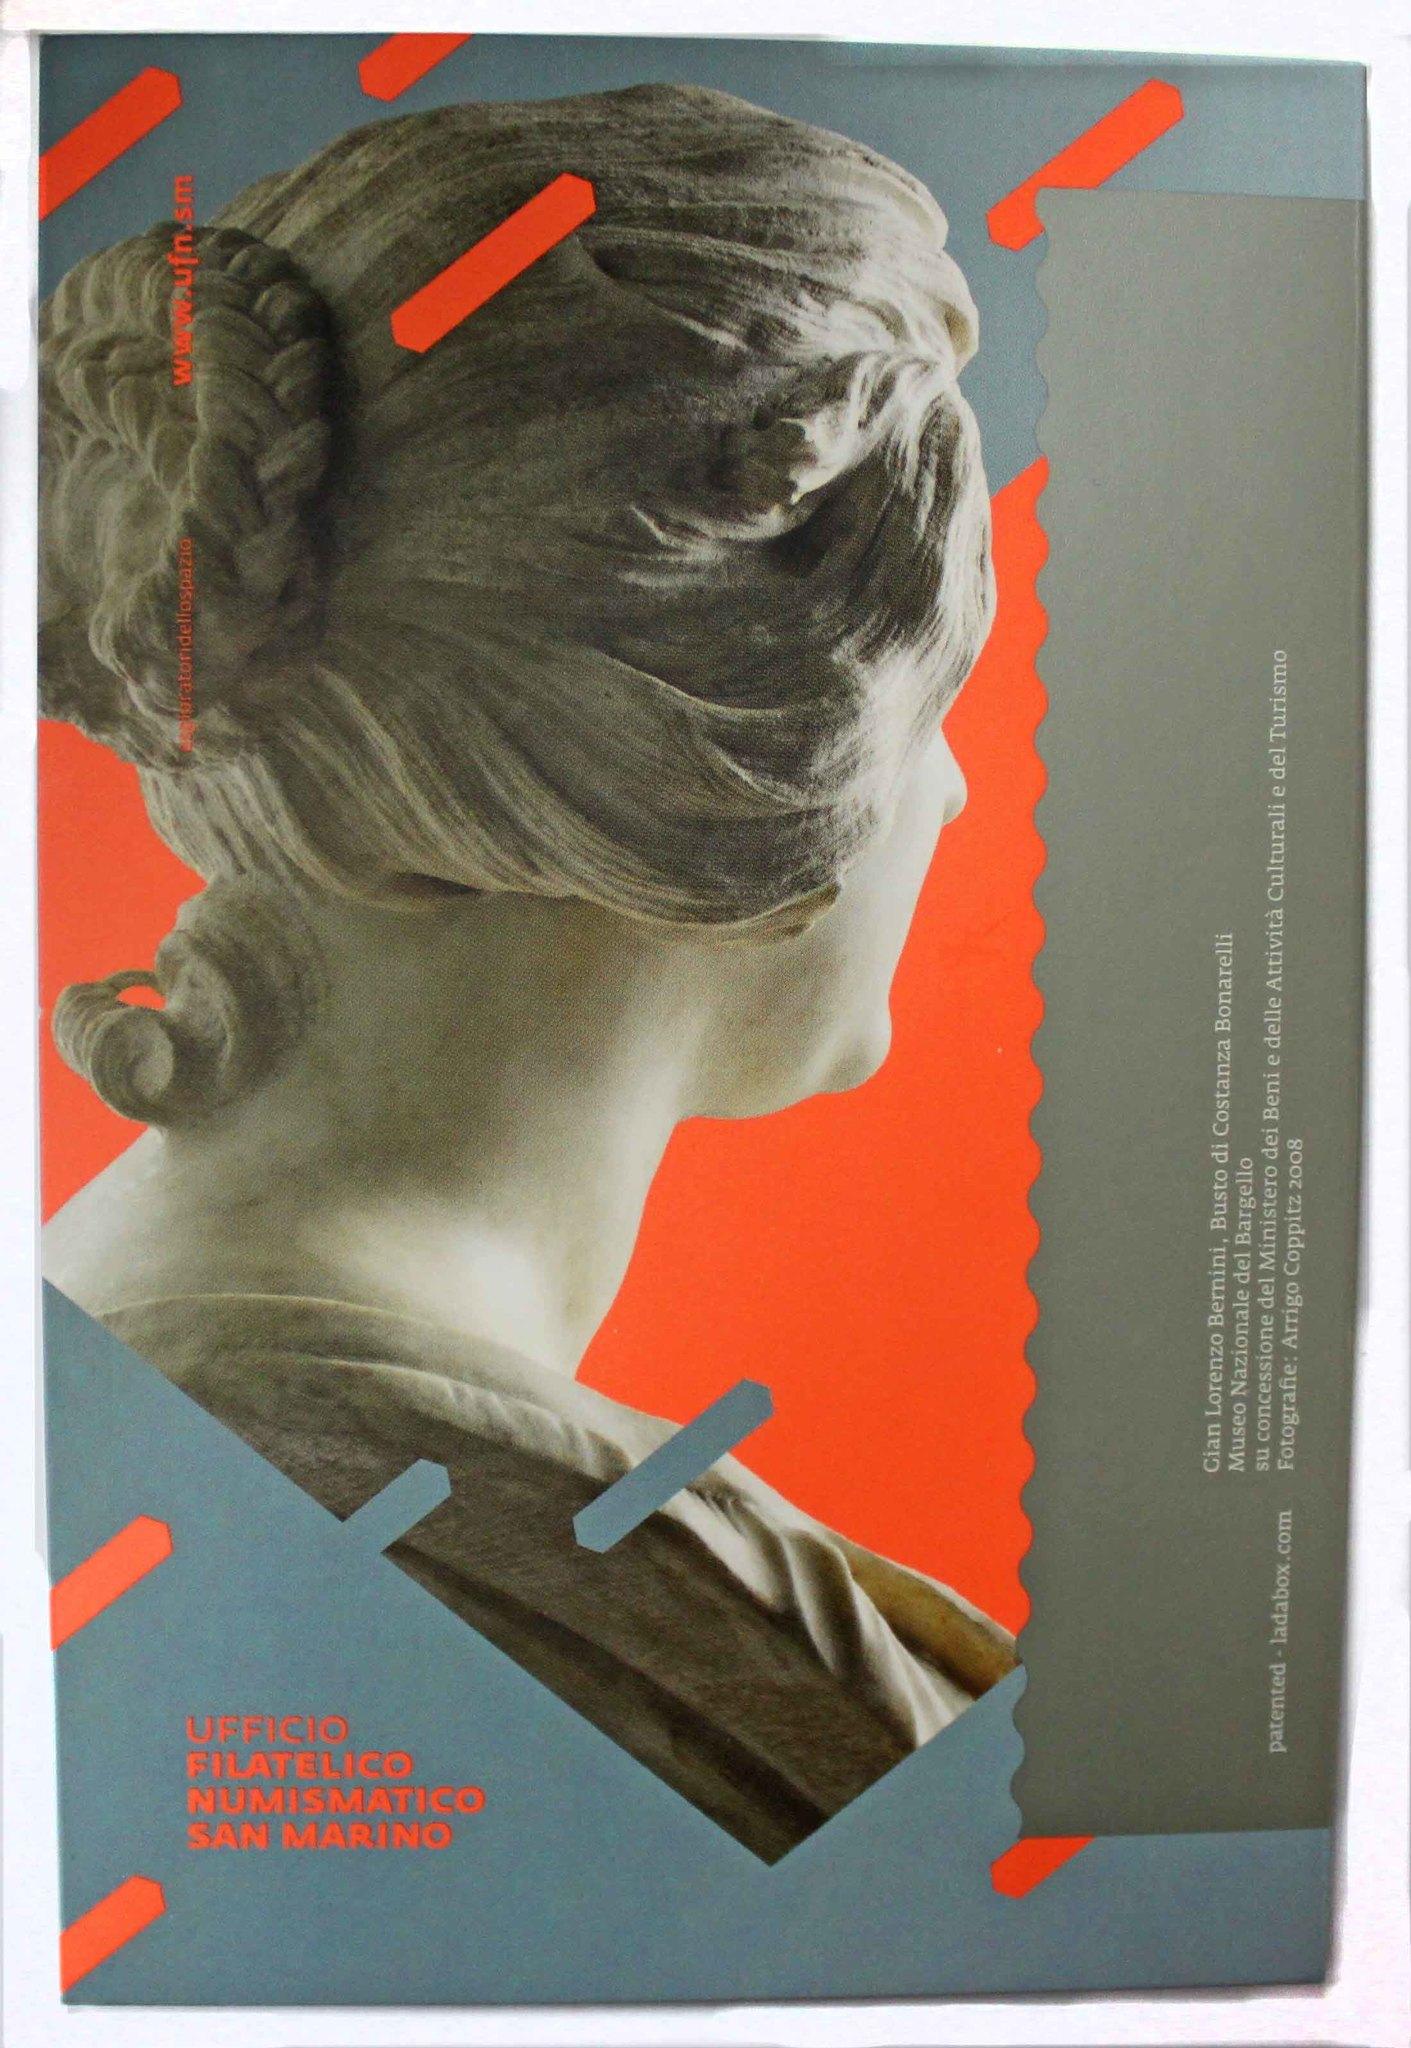 2 евро. Сан-Марино - итальянский скульптор и архитектор Джованни Лоренцо Бернини (в буклете). 2018 год